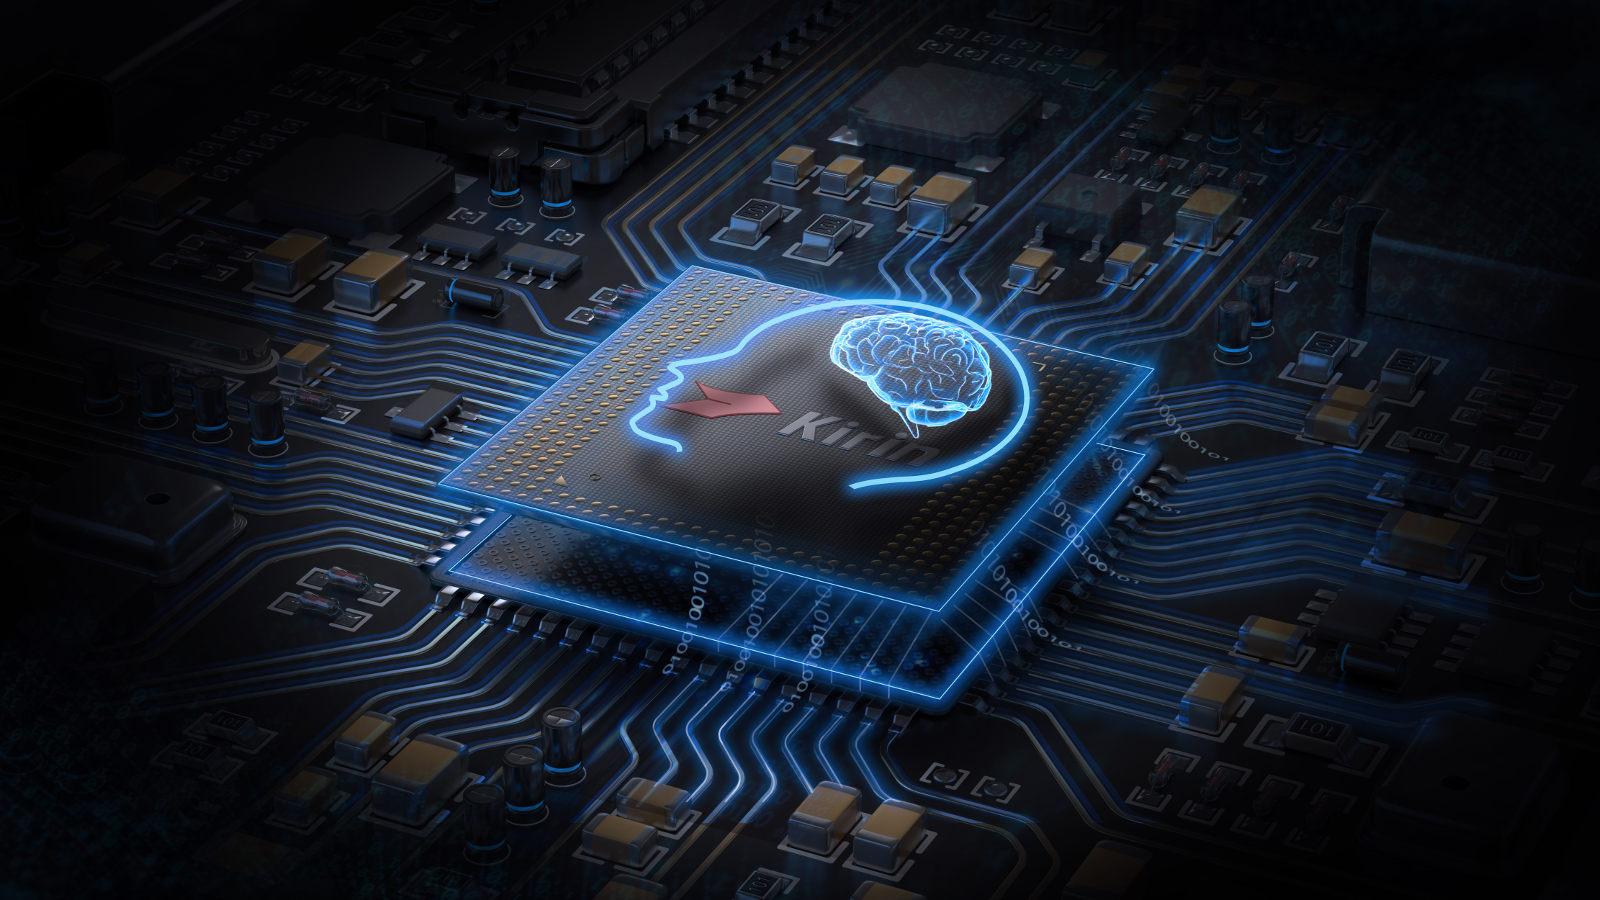 Huawei Kirin 970,Kirin 970,Kirin,ai chips